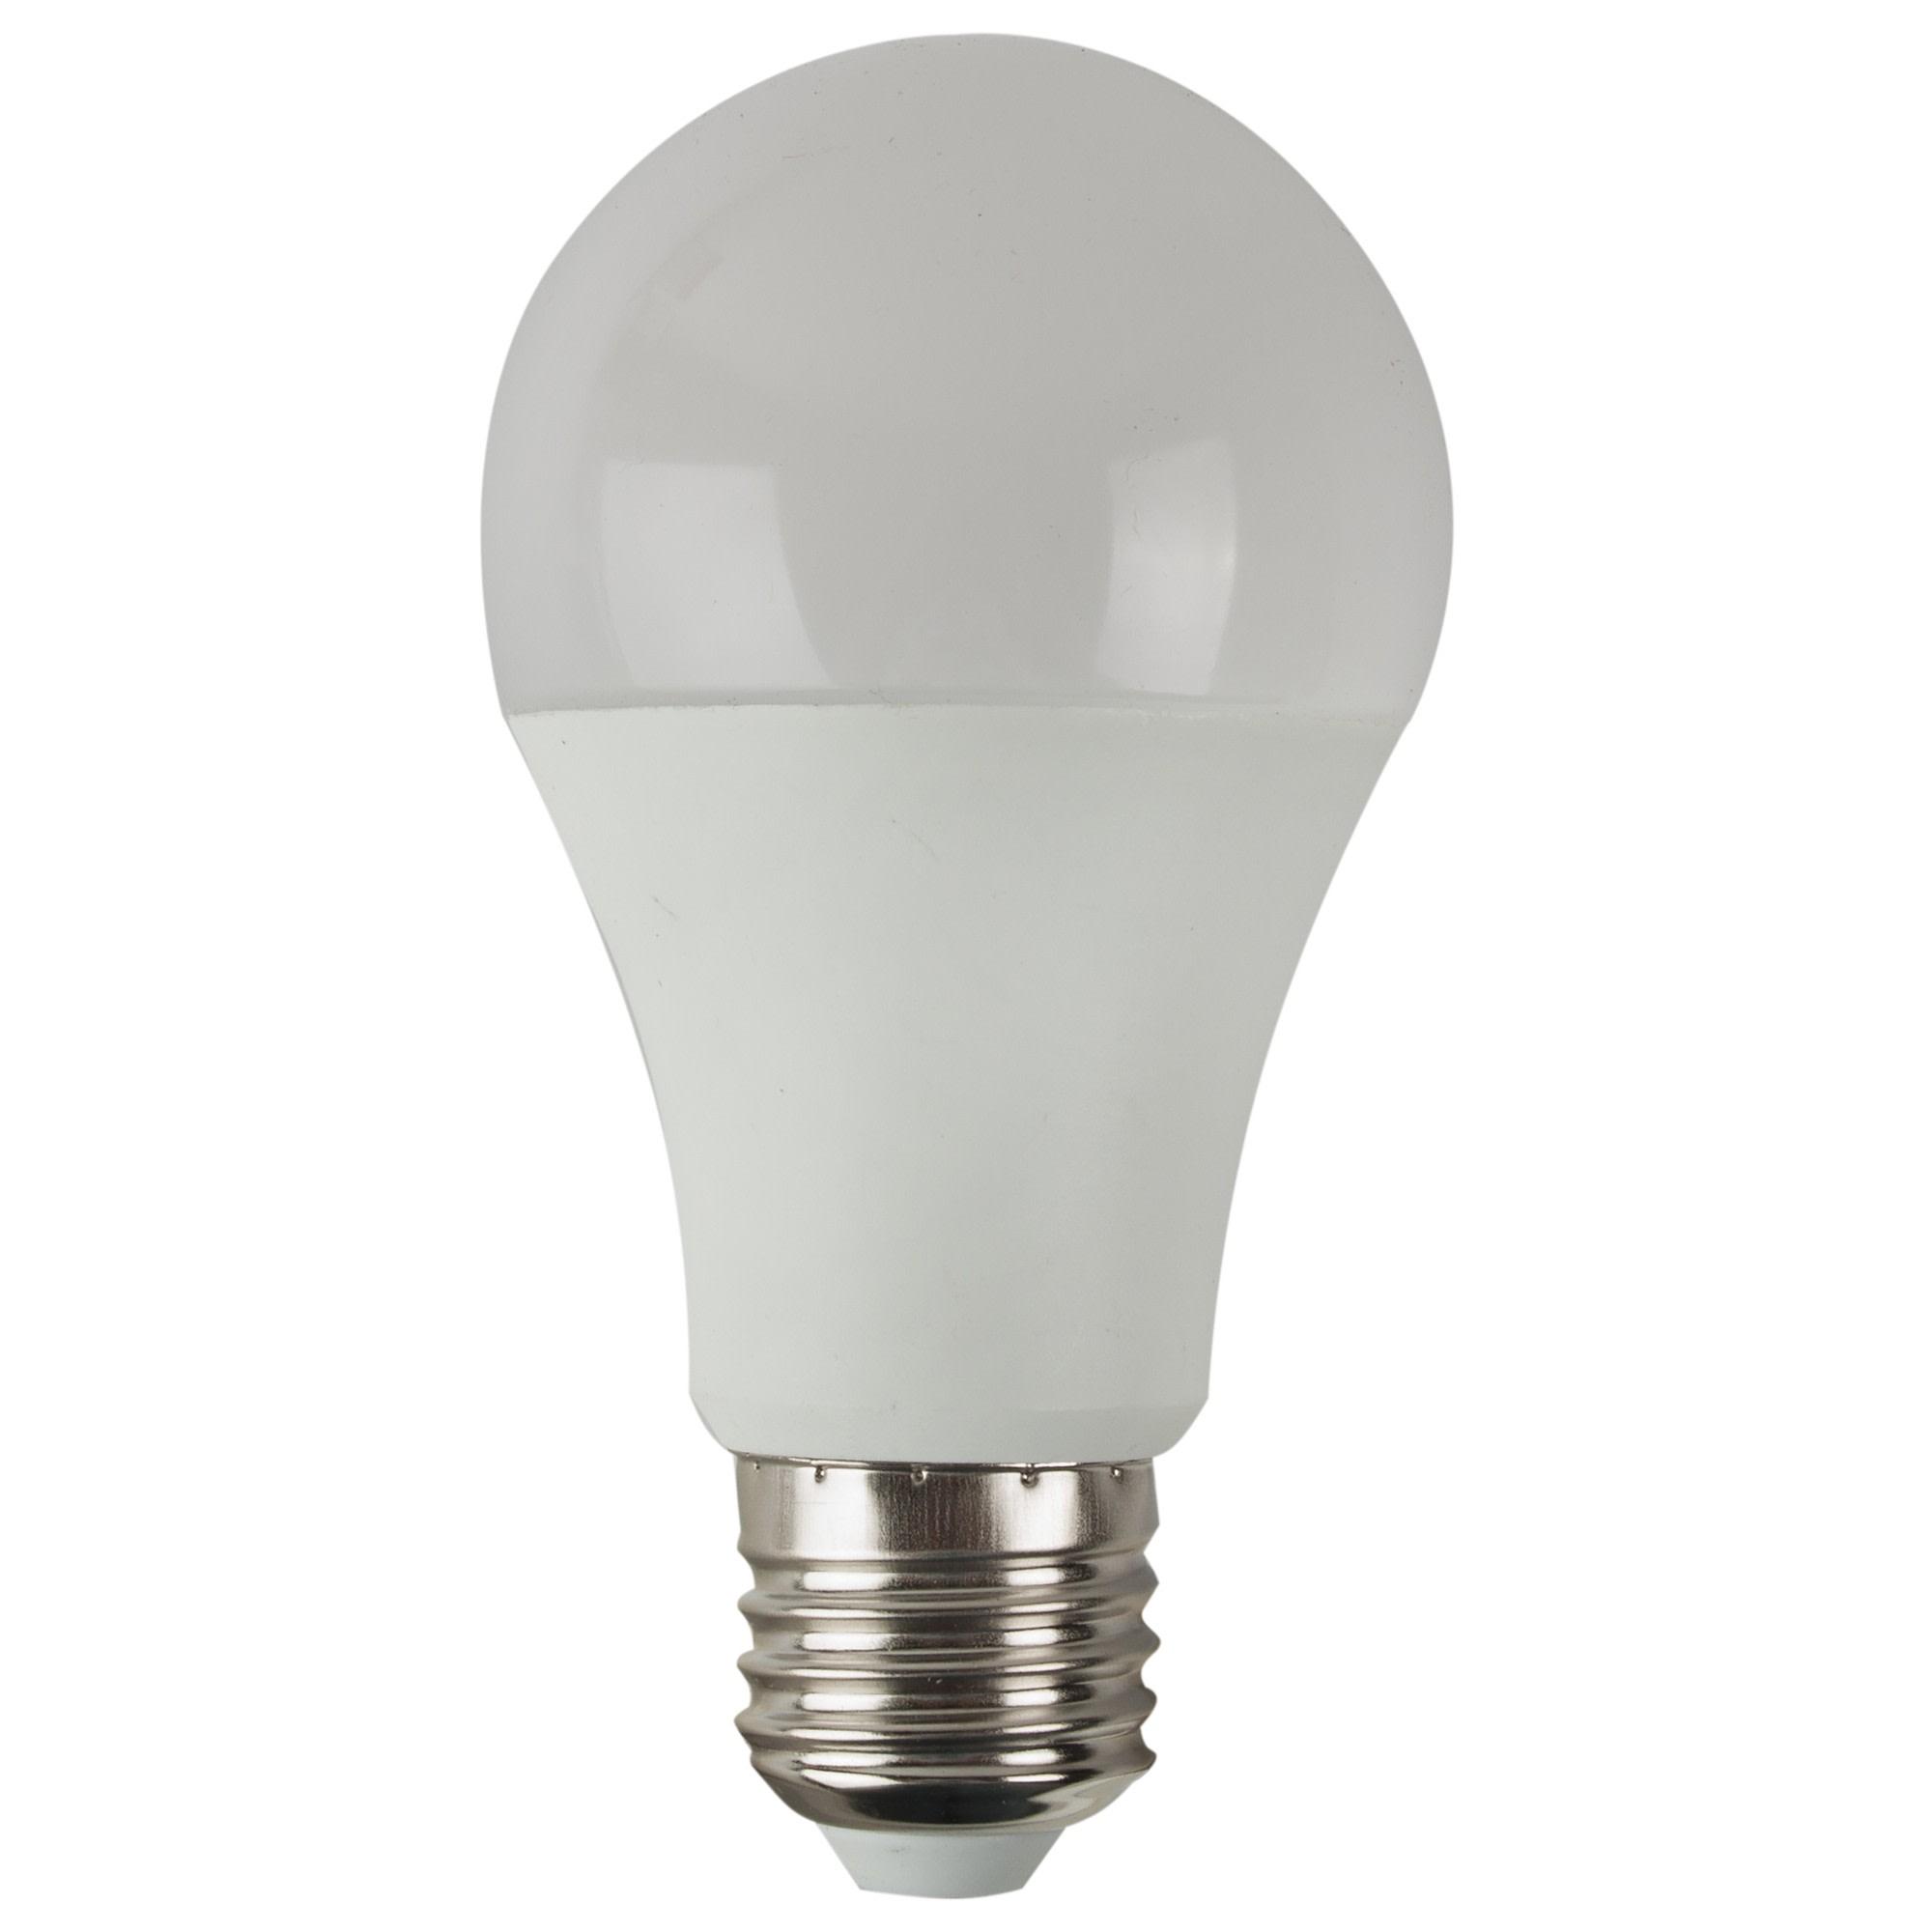 Лампа светодиодная Bellight E27 10 Вт 840 Лм свет холодный белый